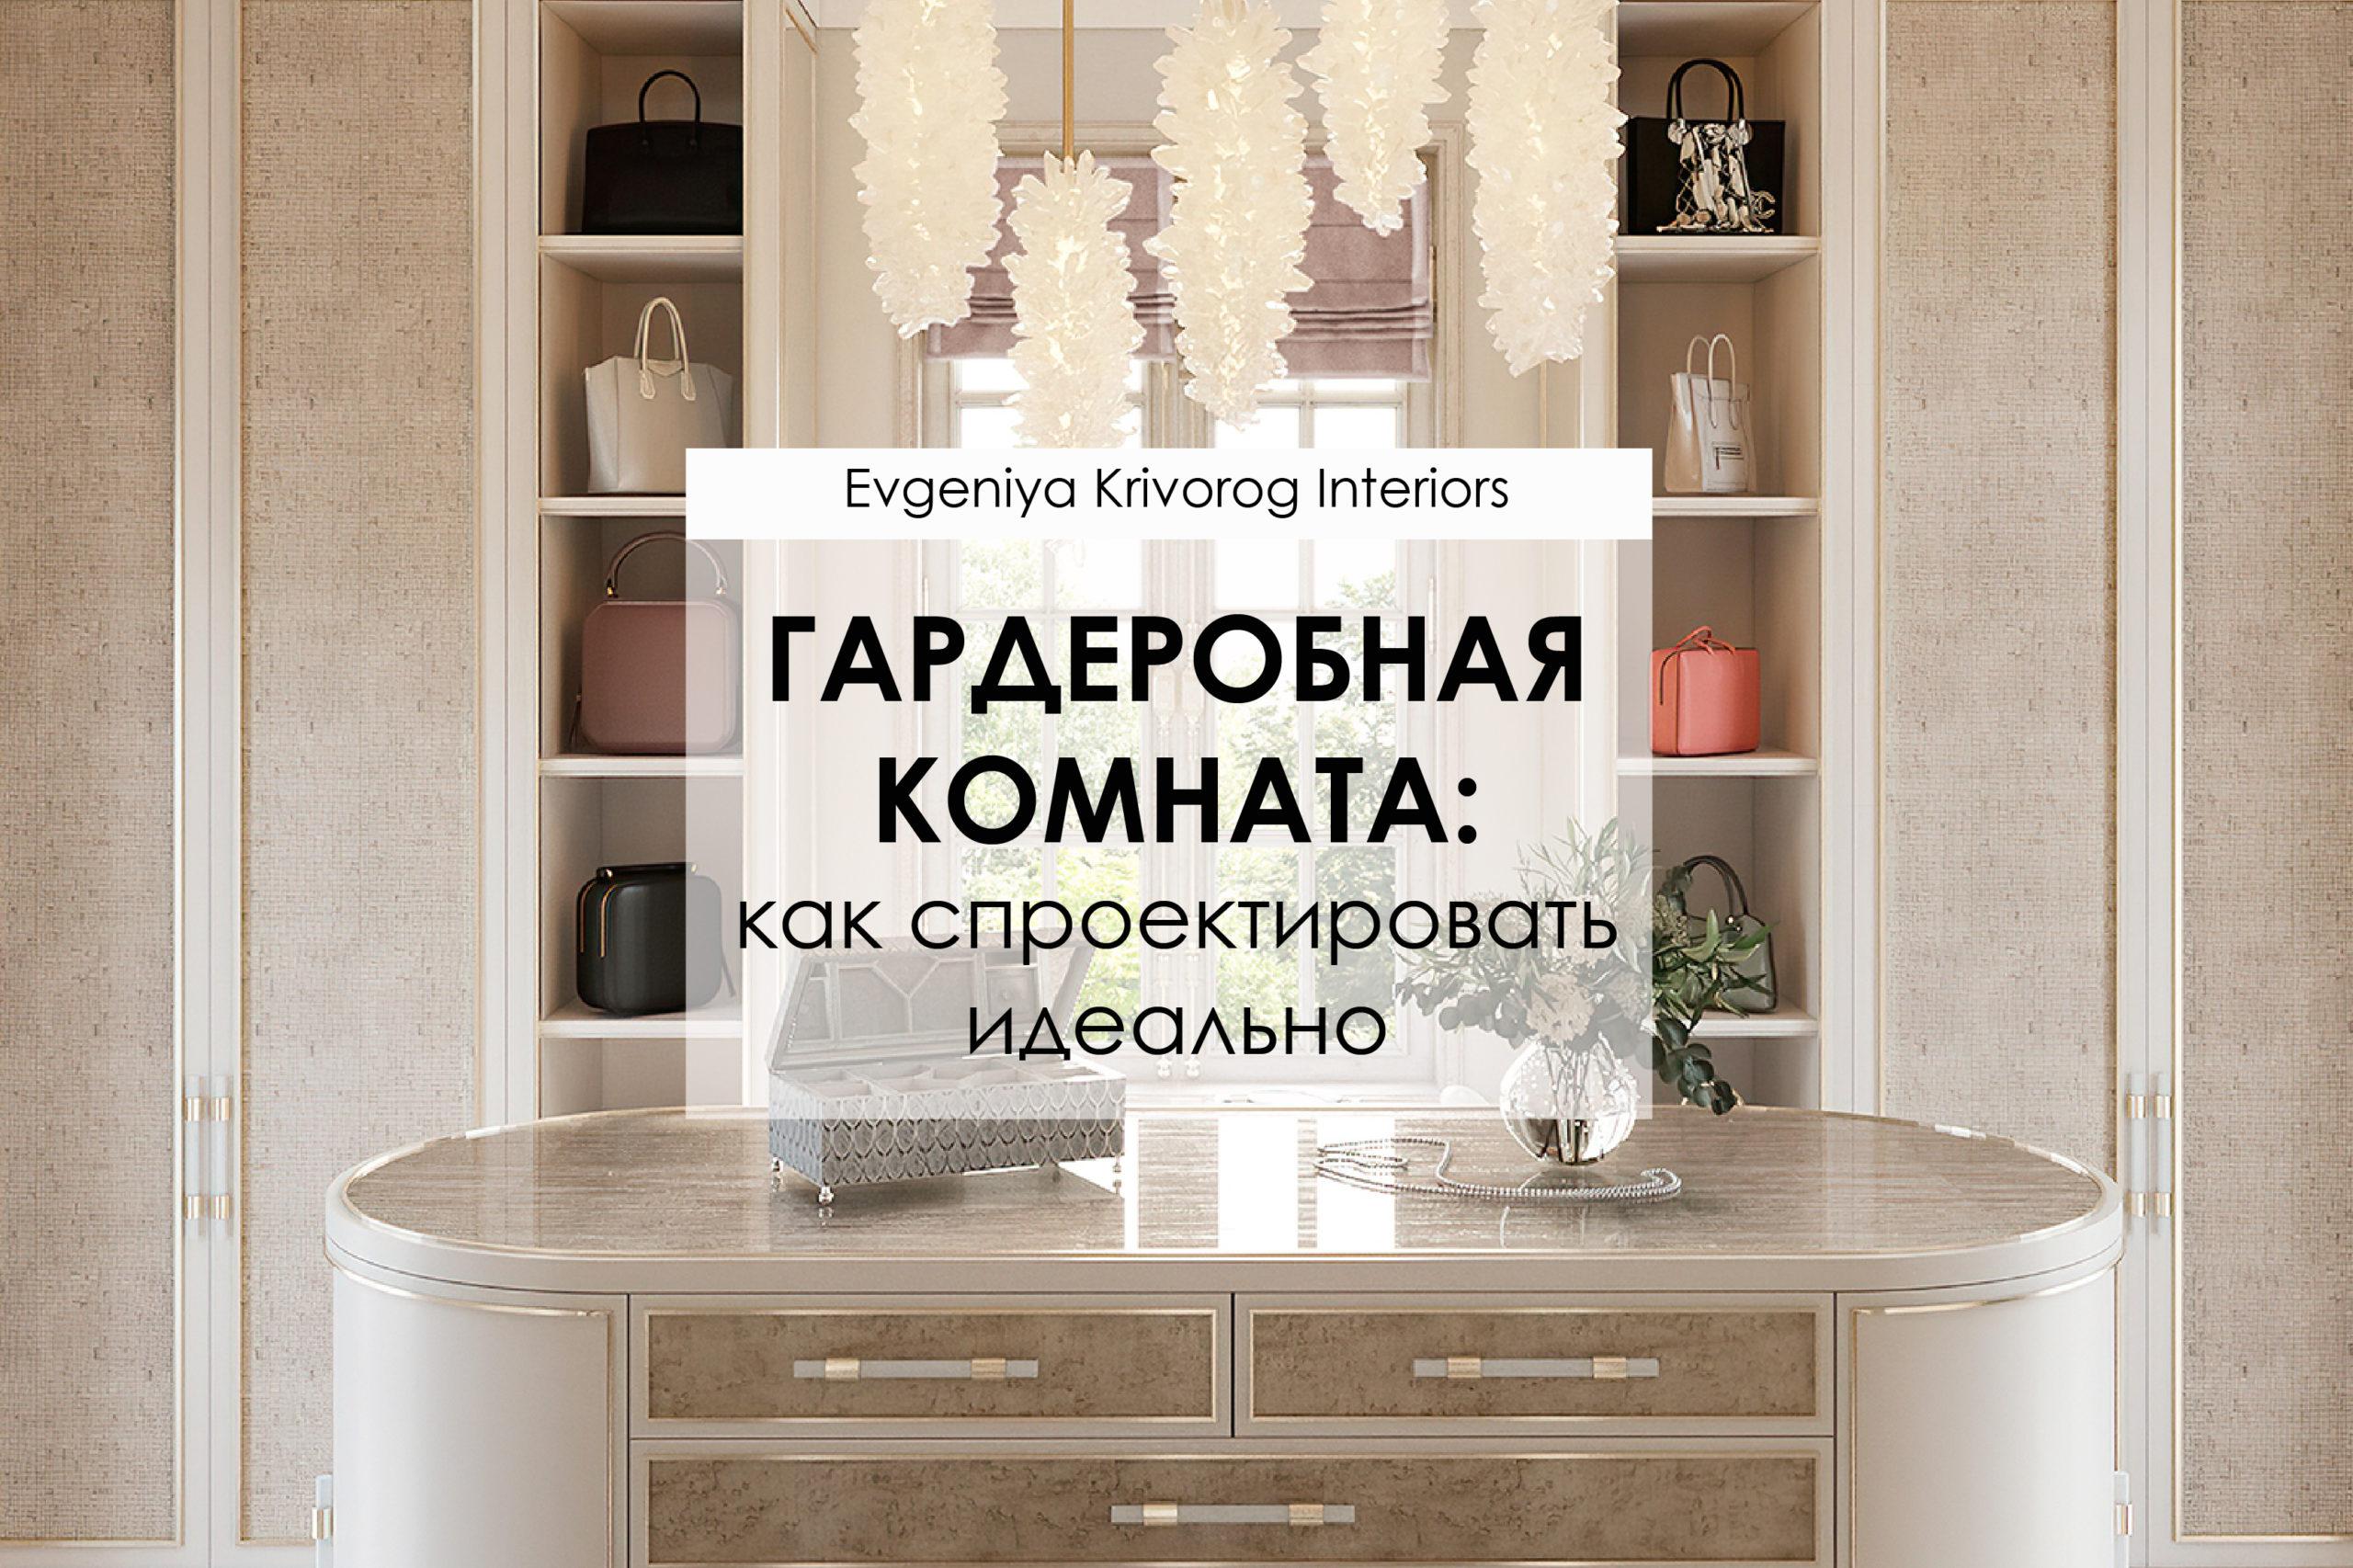 Спальня с гардеробной, в том числе угловая, варианты дизайна, как сделать своими руками + фото и видео спальня с гардеробной, в том числе угловая, варианты дизайна, как сделать своими руками + фото и видео